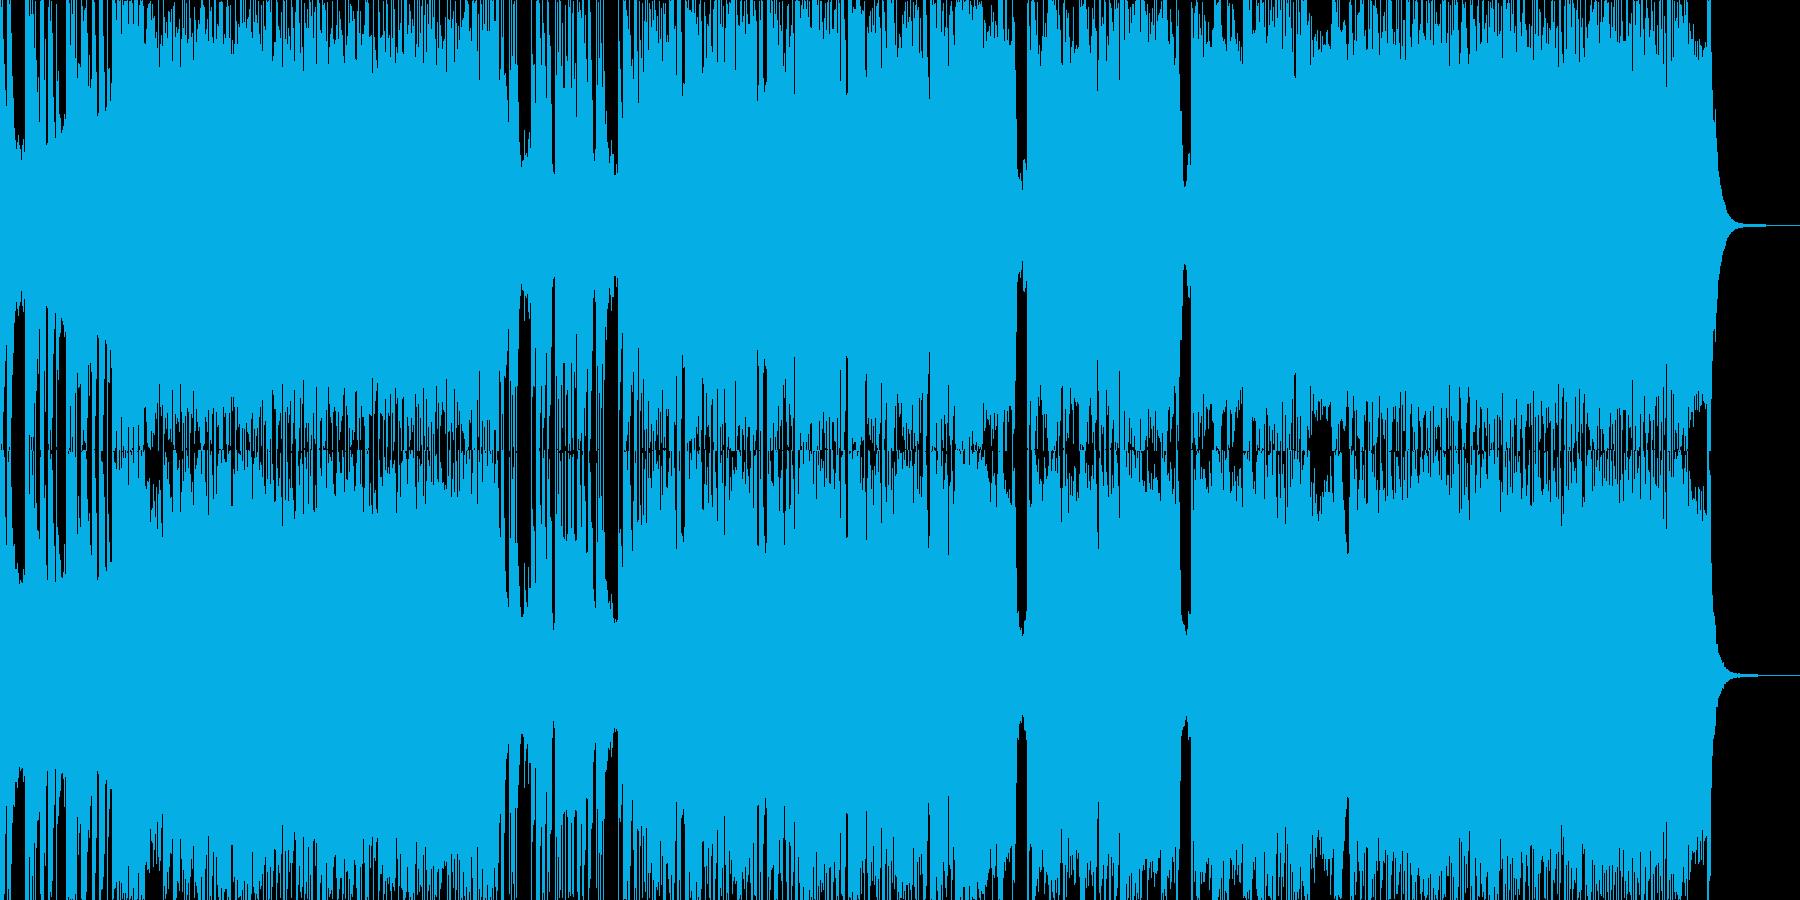 激しく近未来的なメタルの再生済みの波形